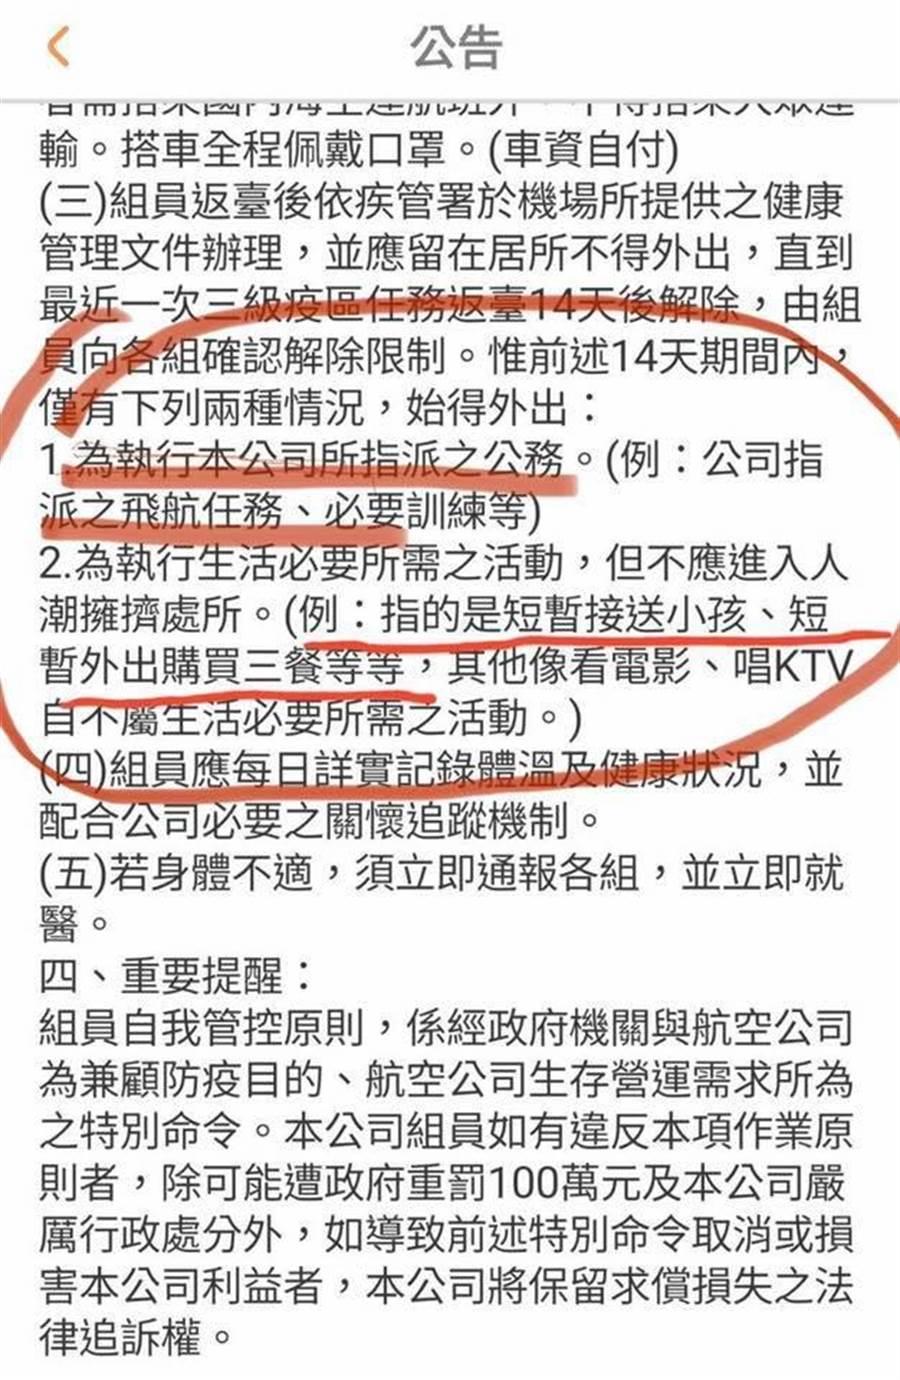 有華航的員工曝光其內部的健康管控措施。(圖擷自黃子哲臉書)